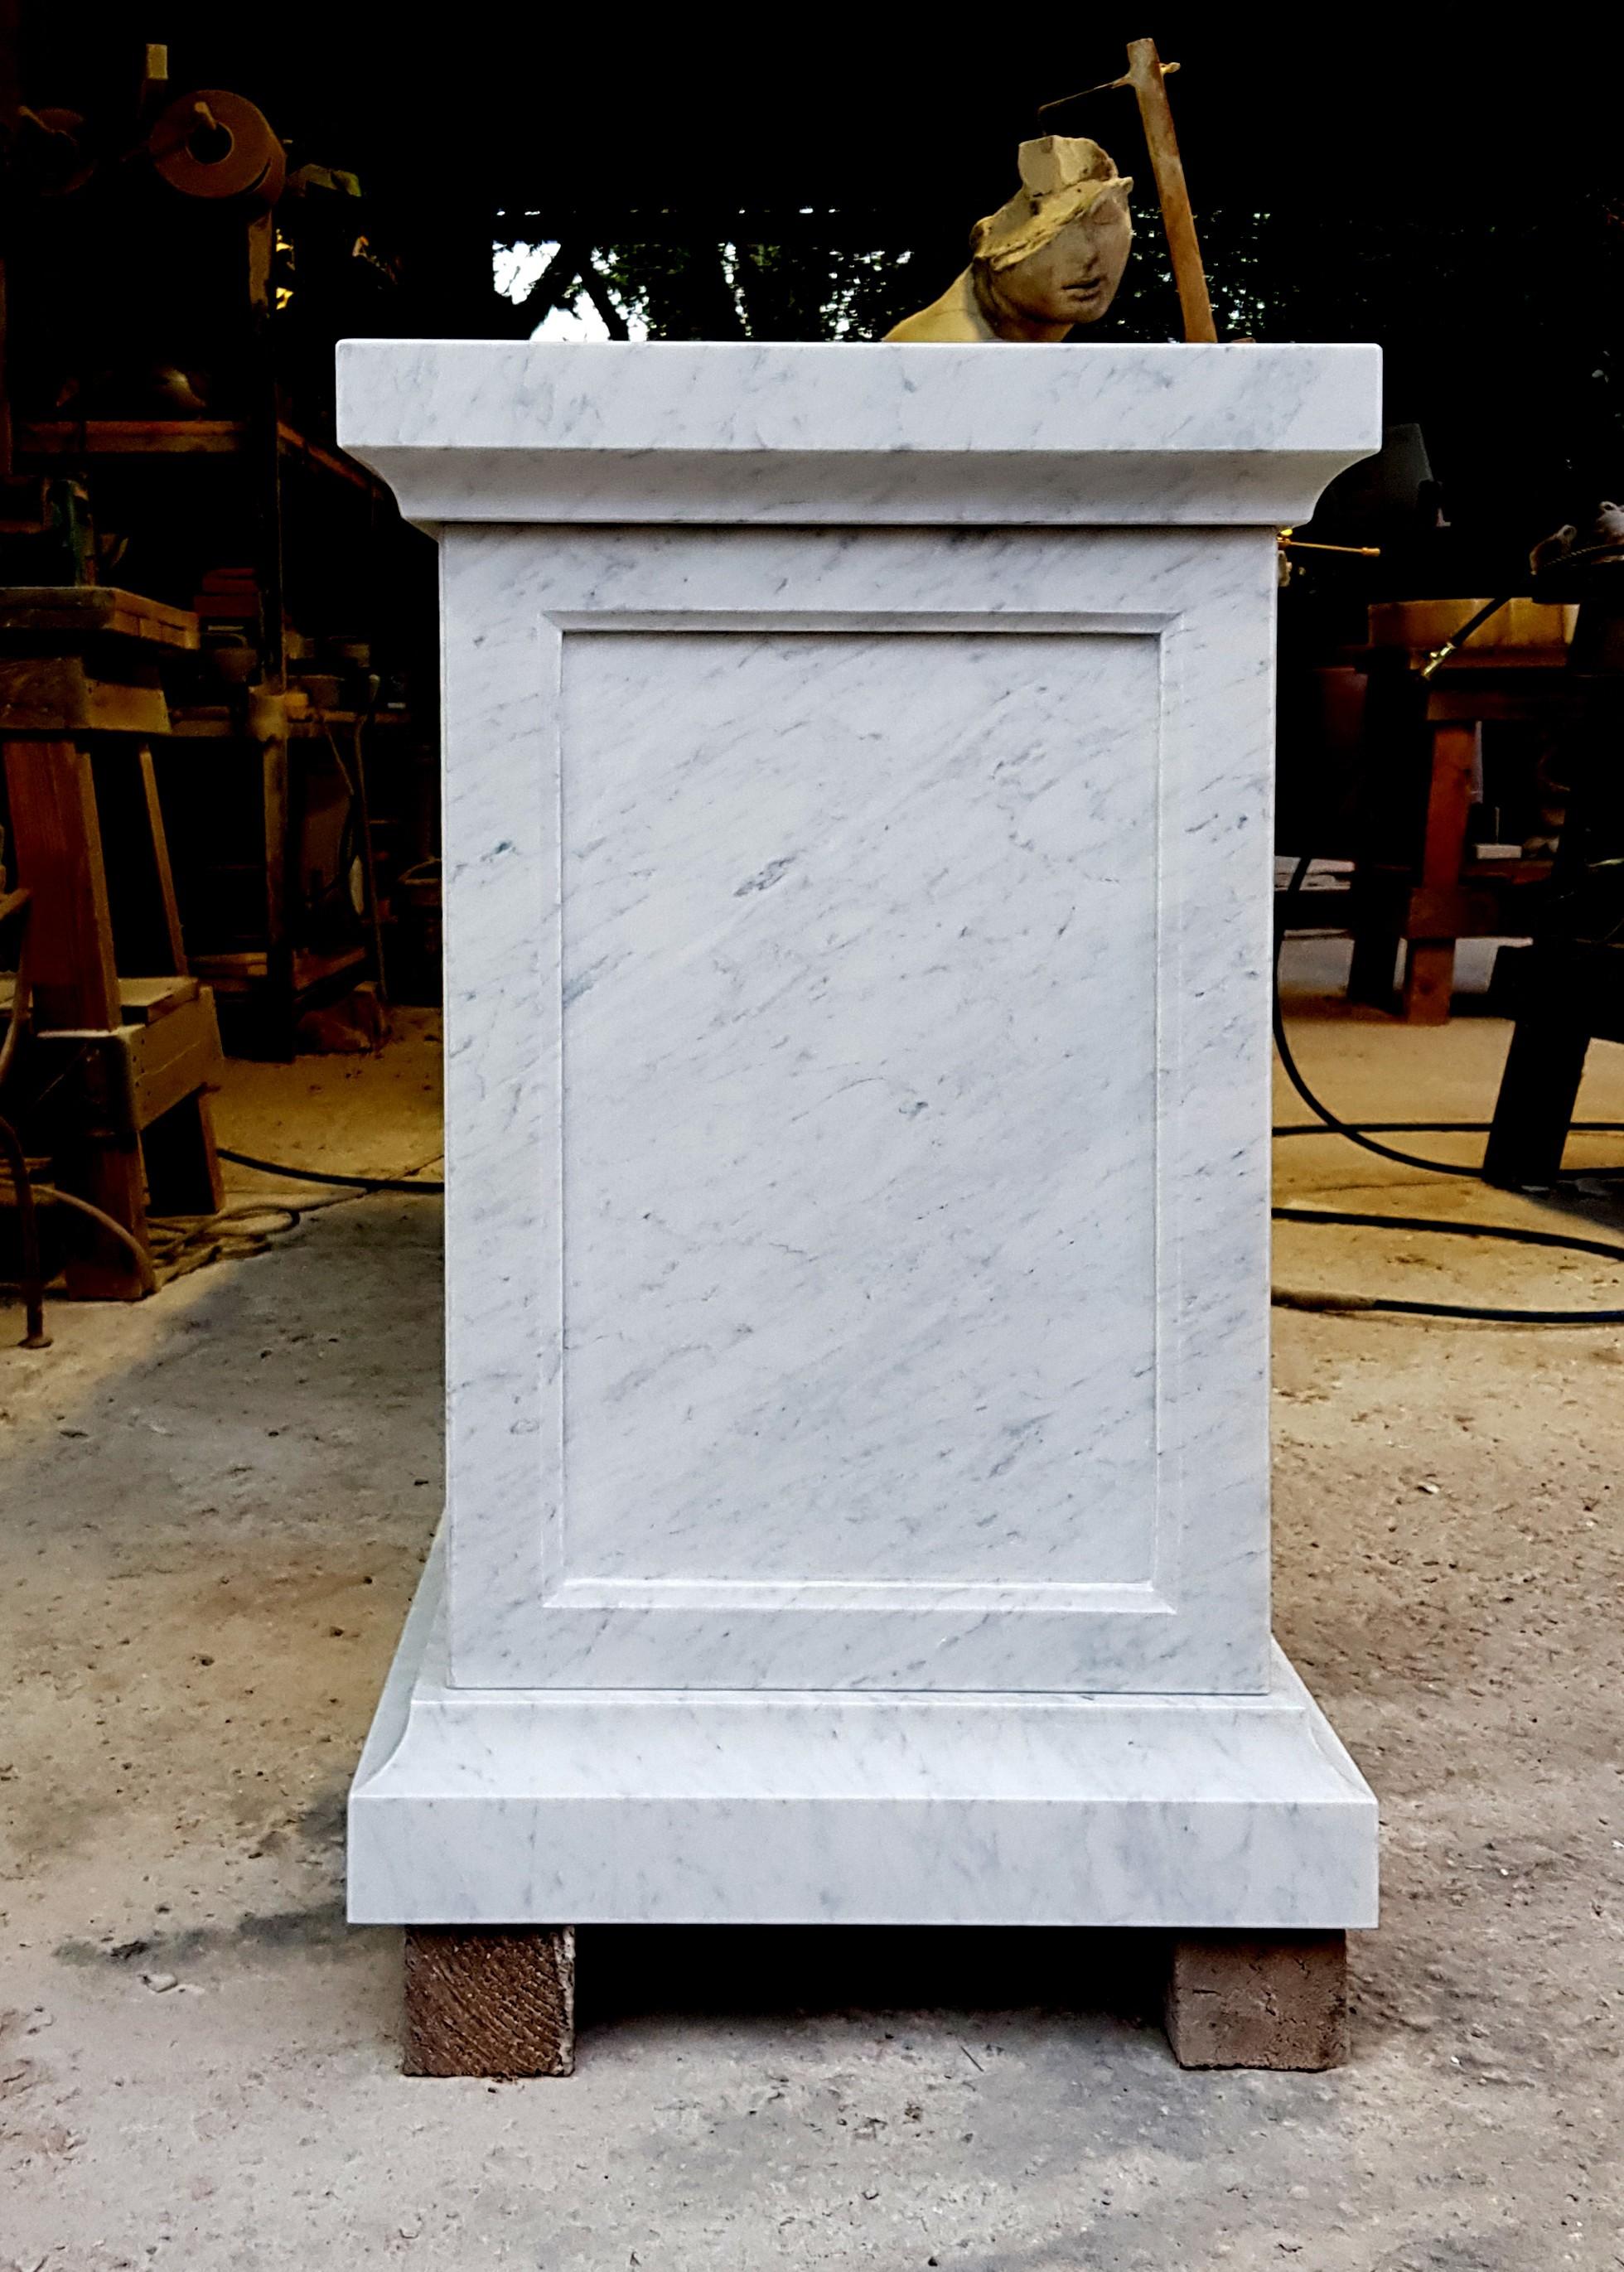 Mensole In Marmo Per Termosifoni base h.57cm/45x45cm in marmo bianco di carrara per statue o